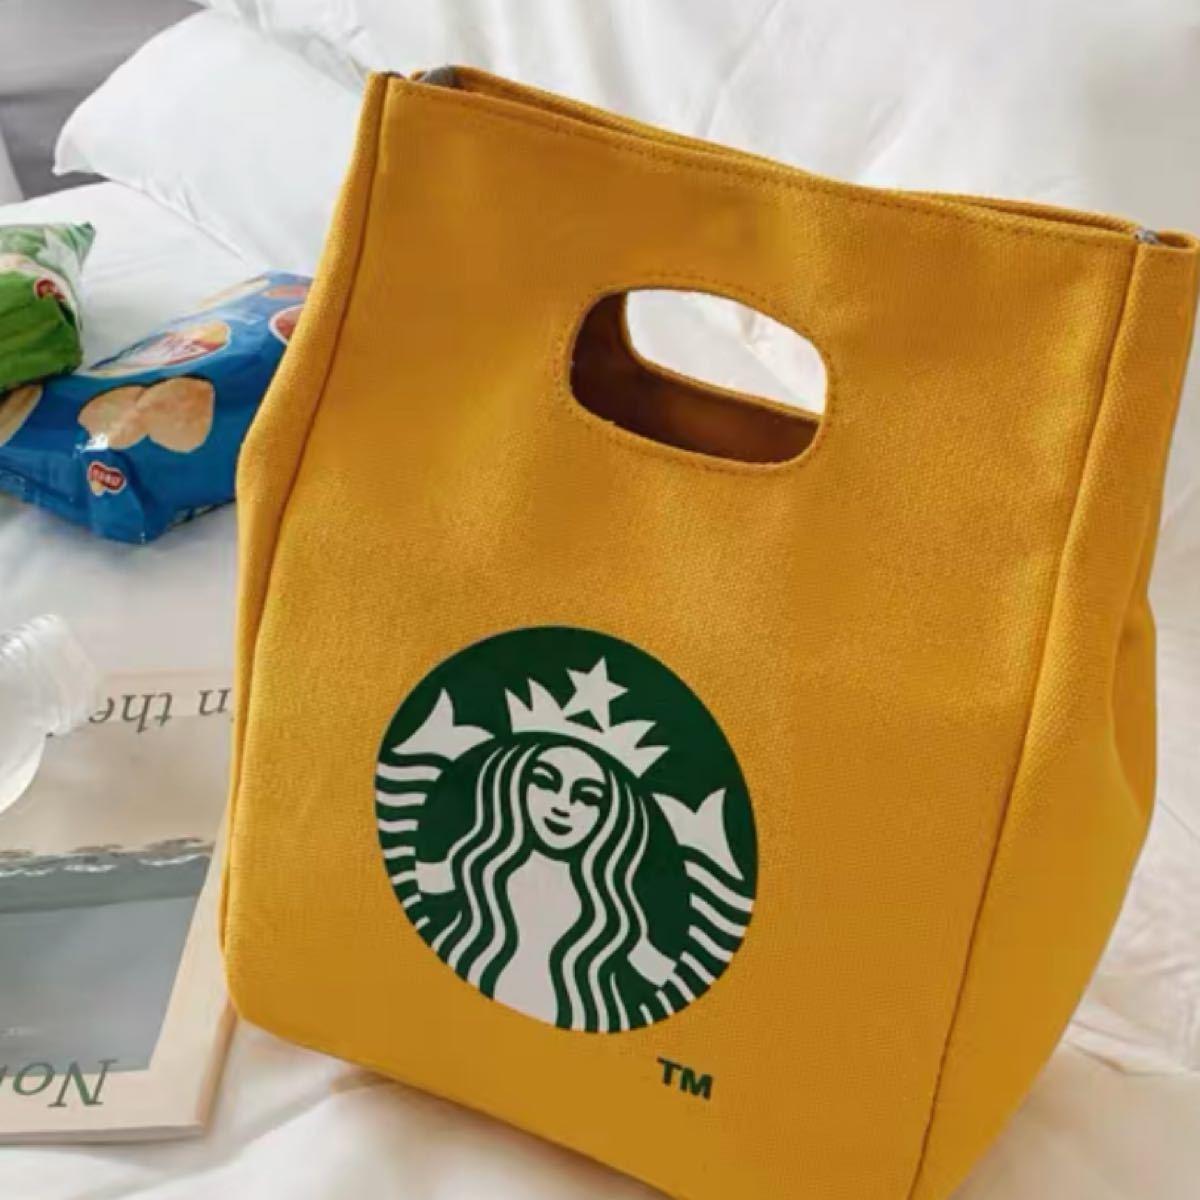 スターバックス トートバッグ ランチバッグ 黄色 エコバッグ数量限定 海外